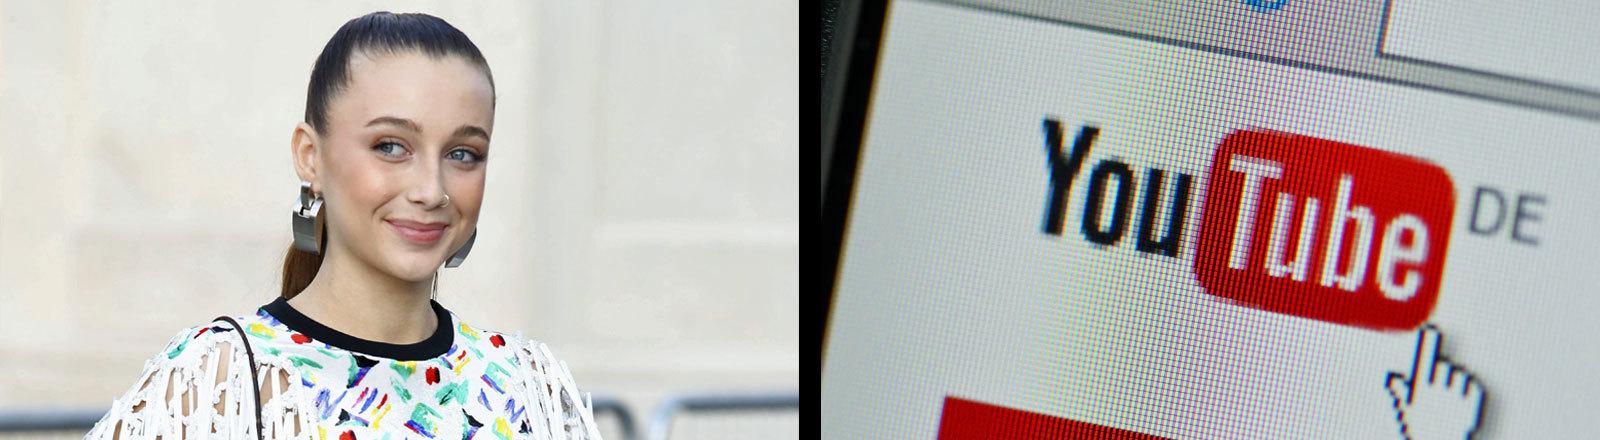 Youtuberin Emma Chamberlain und das Logo von Youtube auf einem PC.